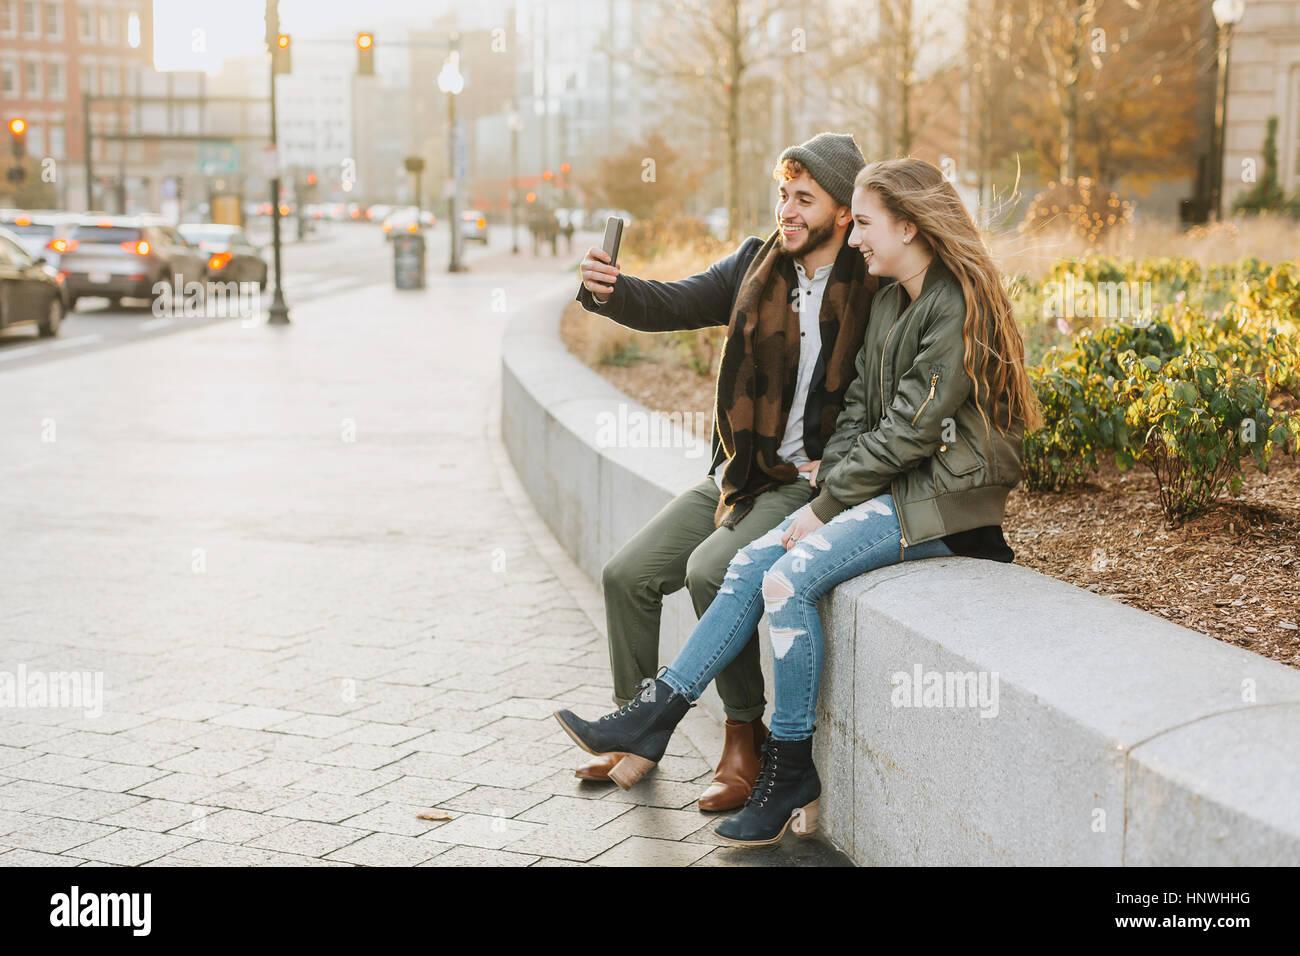 Pareja joven teniendo selfie en ciudad, Boston, Massachusetts, EE.UU. Imagen De Stock